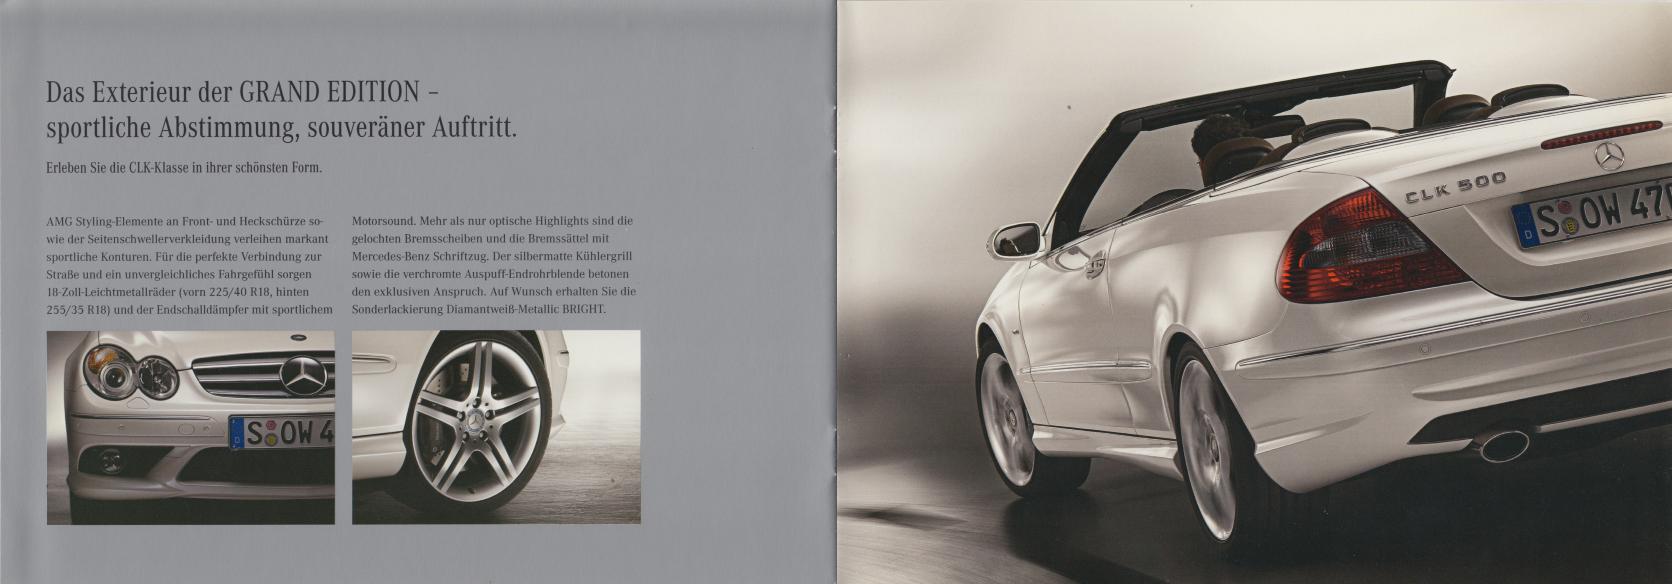 (A/C209): Catálogo 2008 - Grand Edition - alemão 007